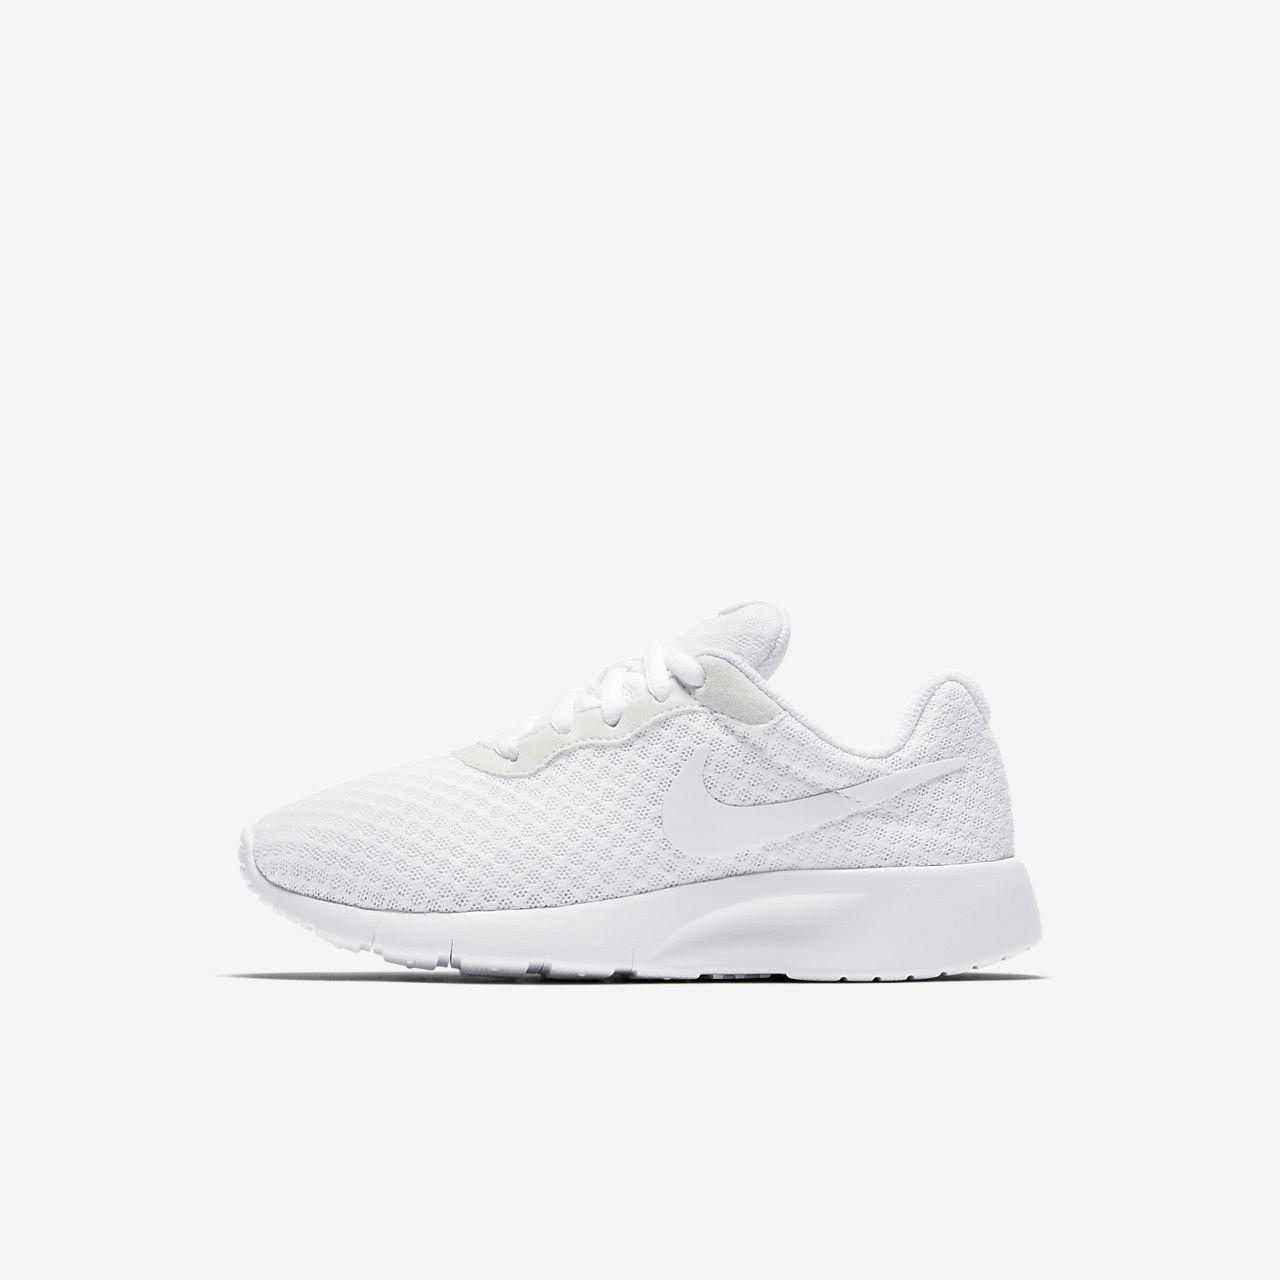 d61cc6ae81 Nike Tanjun Little Kids' Shoe. Nike.com